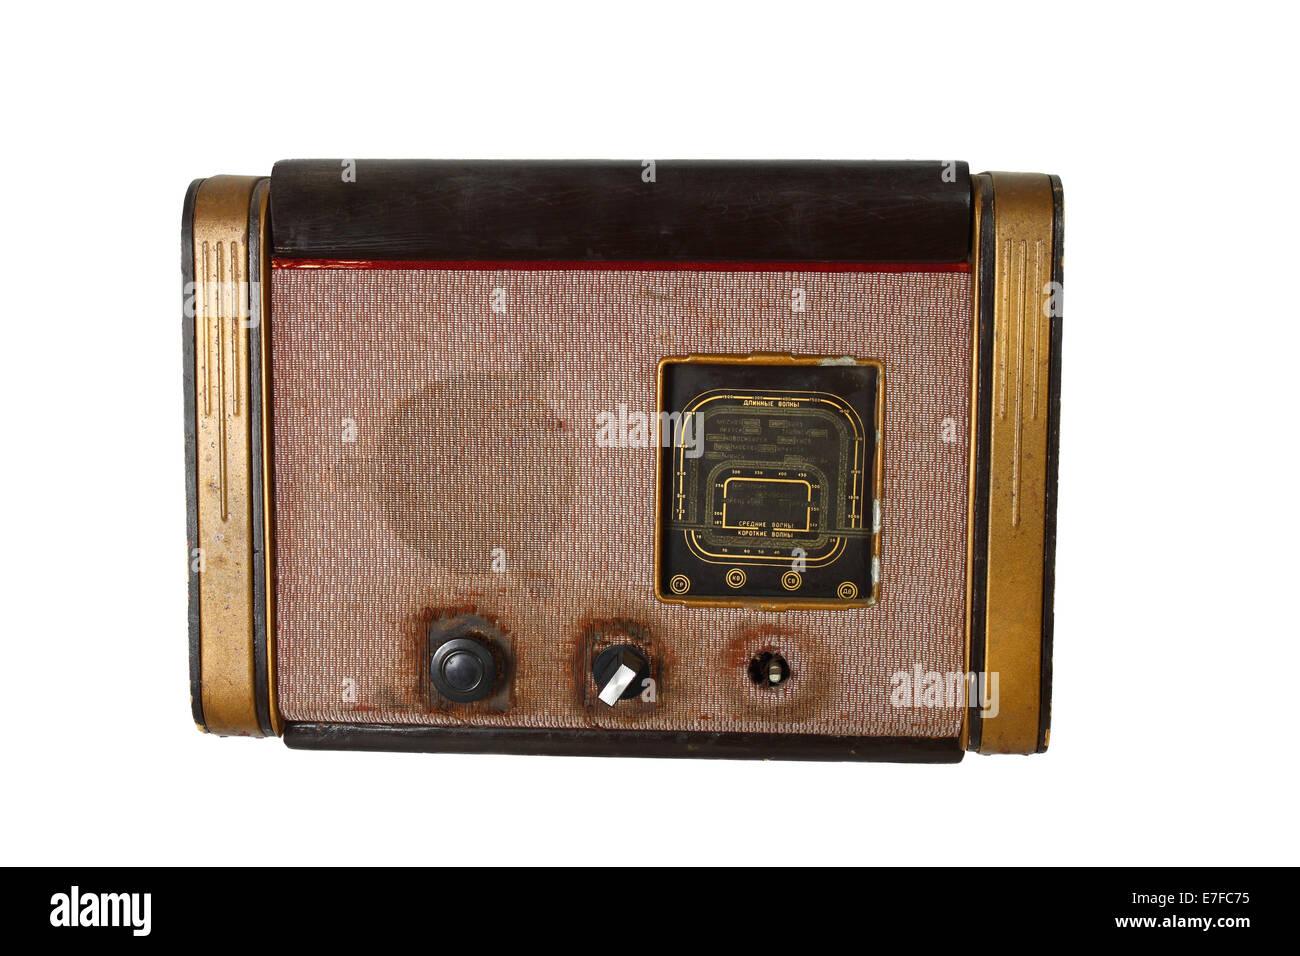 Vintage radio isolated on white background - Stock Image